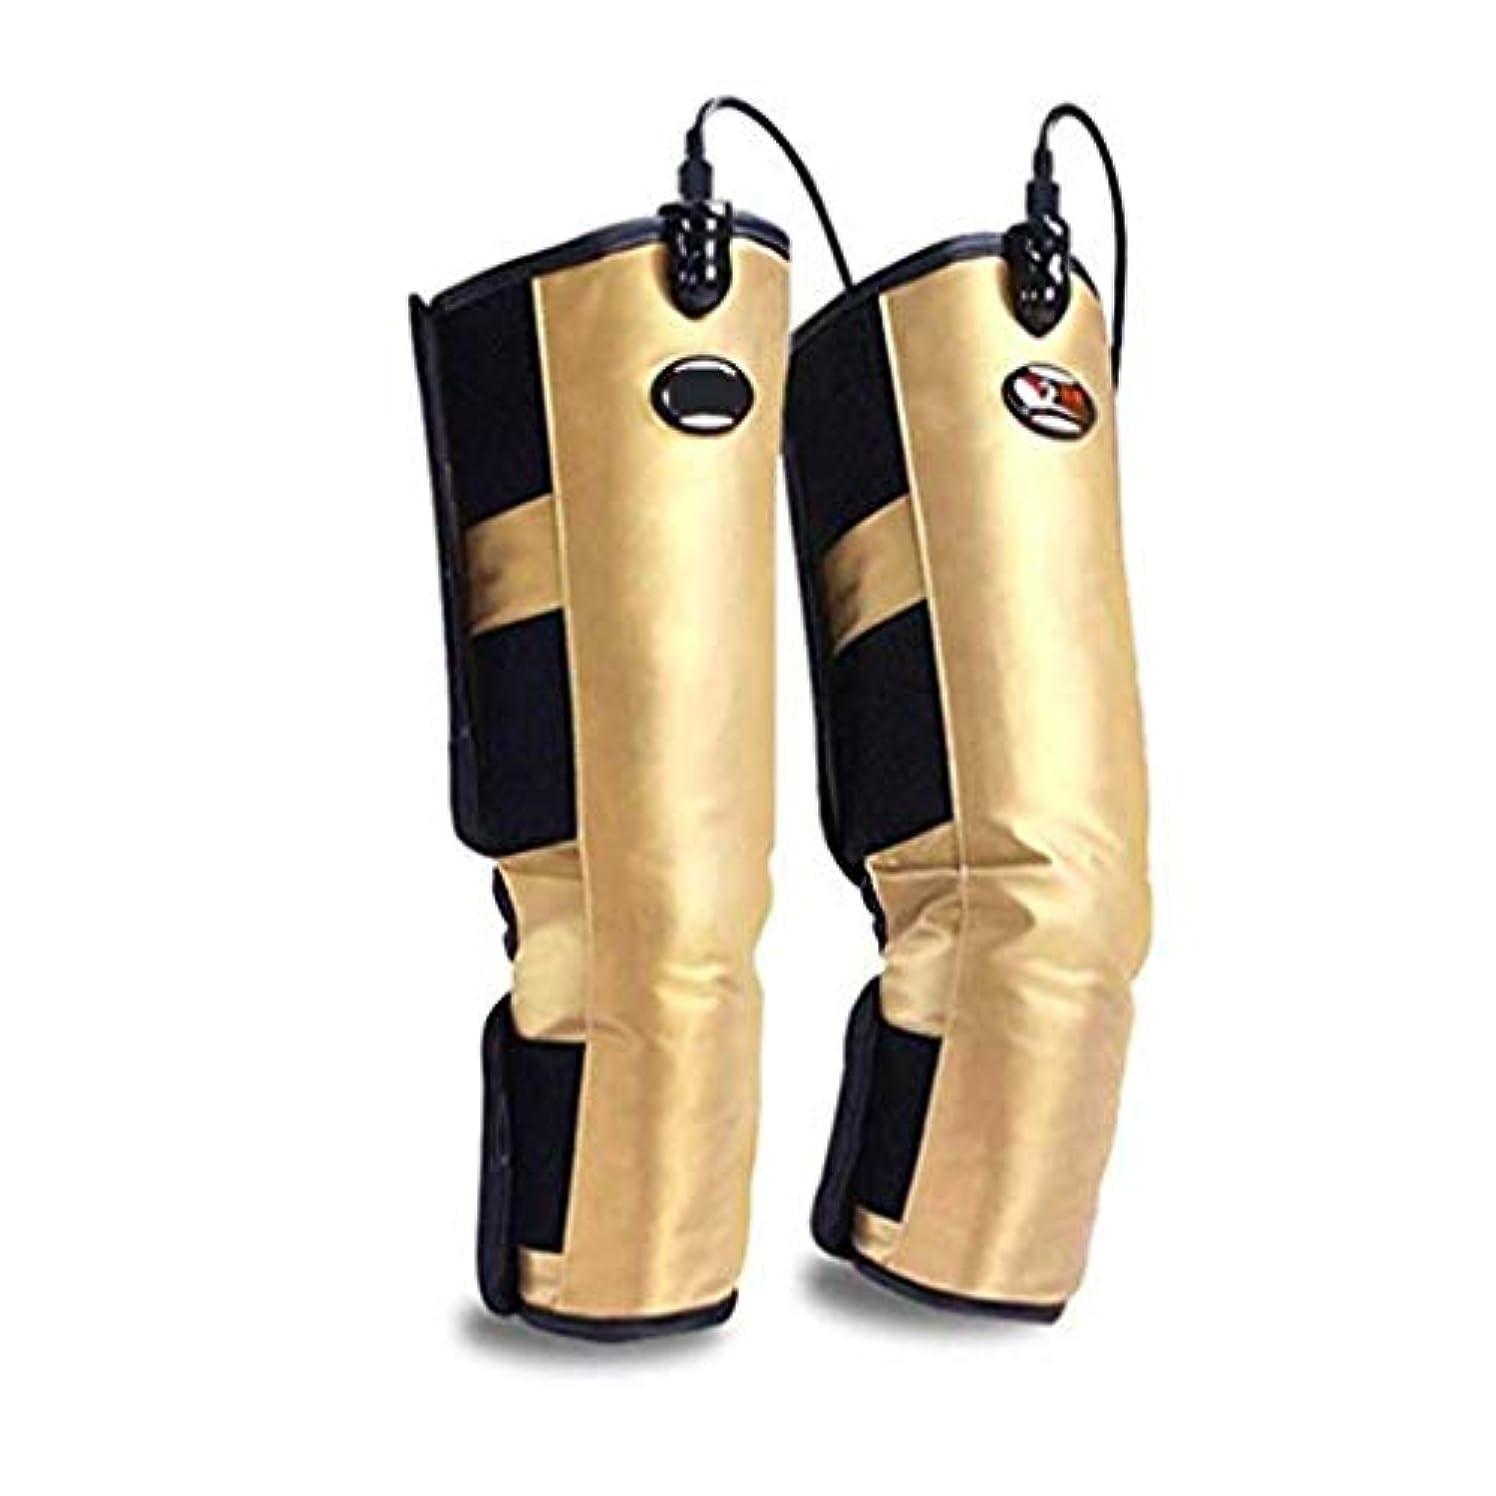 継承刺激するパイント膝レギンス用電気加熱パッド、膝ブレースラップサポート、脚循環用、膝捻挫痙攣関節炎の痛み